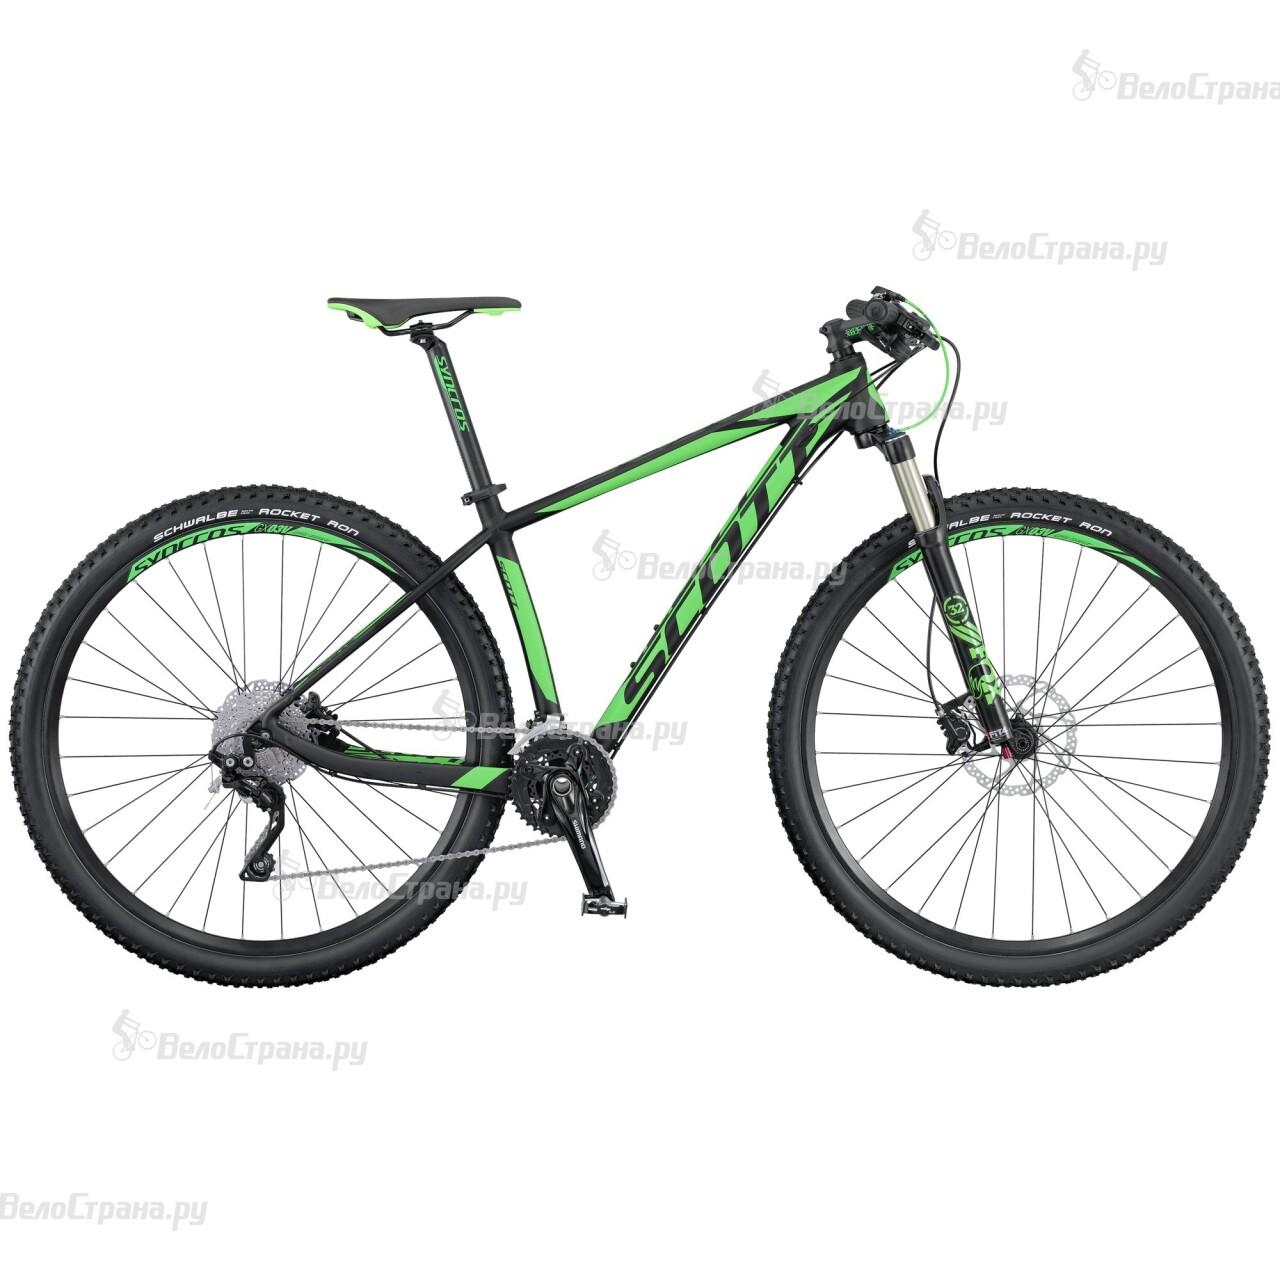 Велосипед Scott Scale 750 (2016) велосипед scott scale junior 26 2016